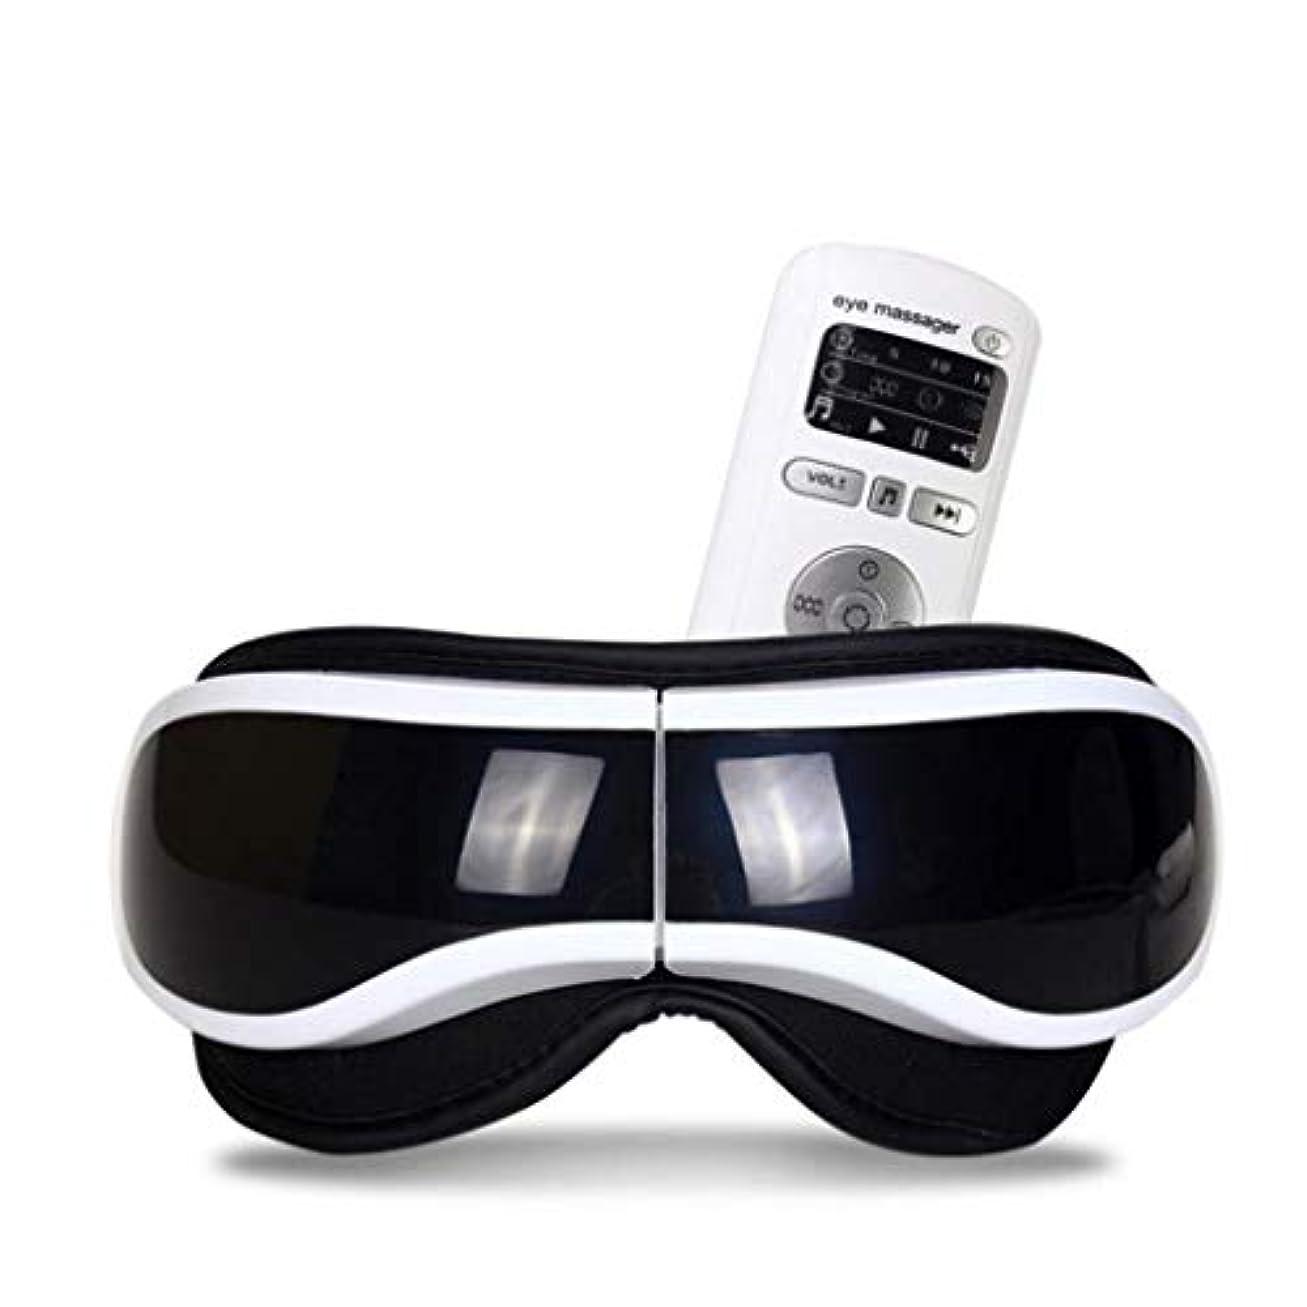 ディレイ博覧会偽造アイマッサージャー、折りたたみ式ポータブルUSB充電ワイヤレスエレクトリック、プレスニーディング/加熱/圧縮/振動/音楽マルチモード、目をリラックス、疲労と痛みを和らげ、睡眠を促進